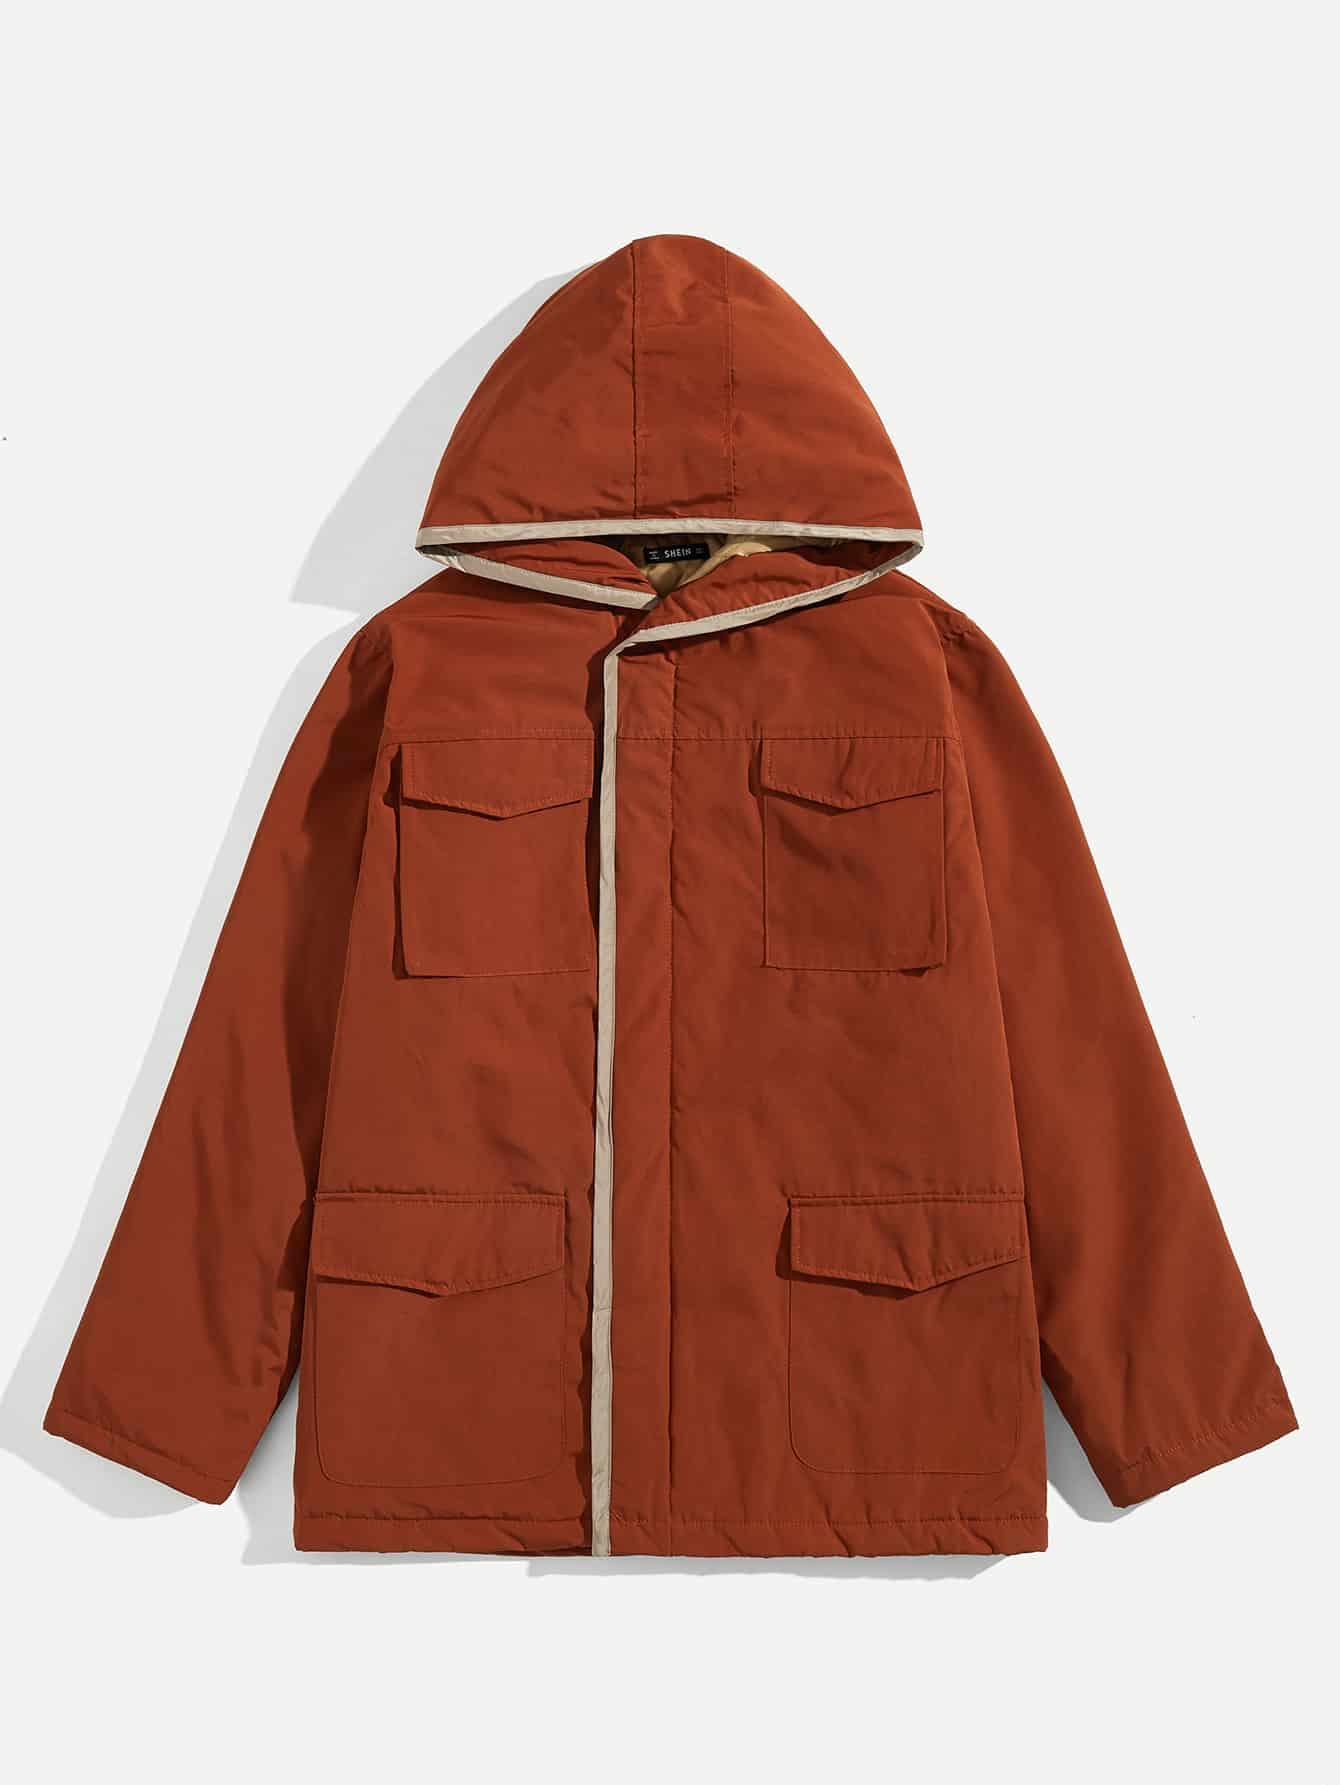 Купить Мужское пальто с капюшоном и карманом, null, SheIn